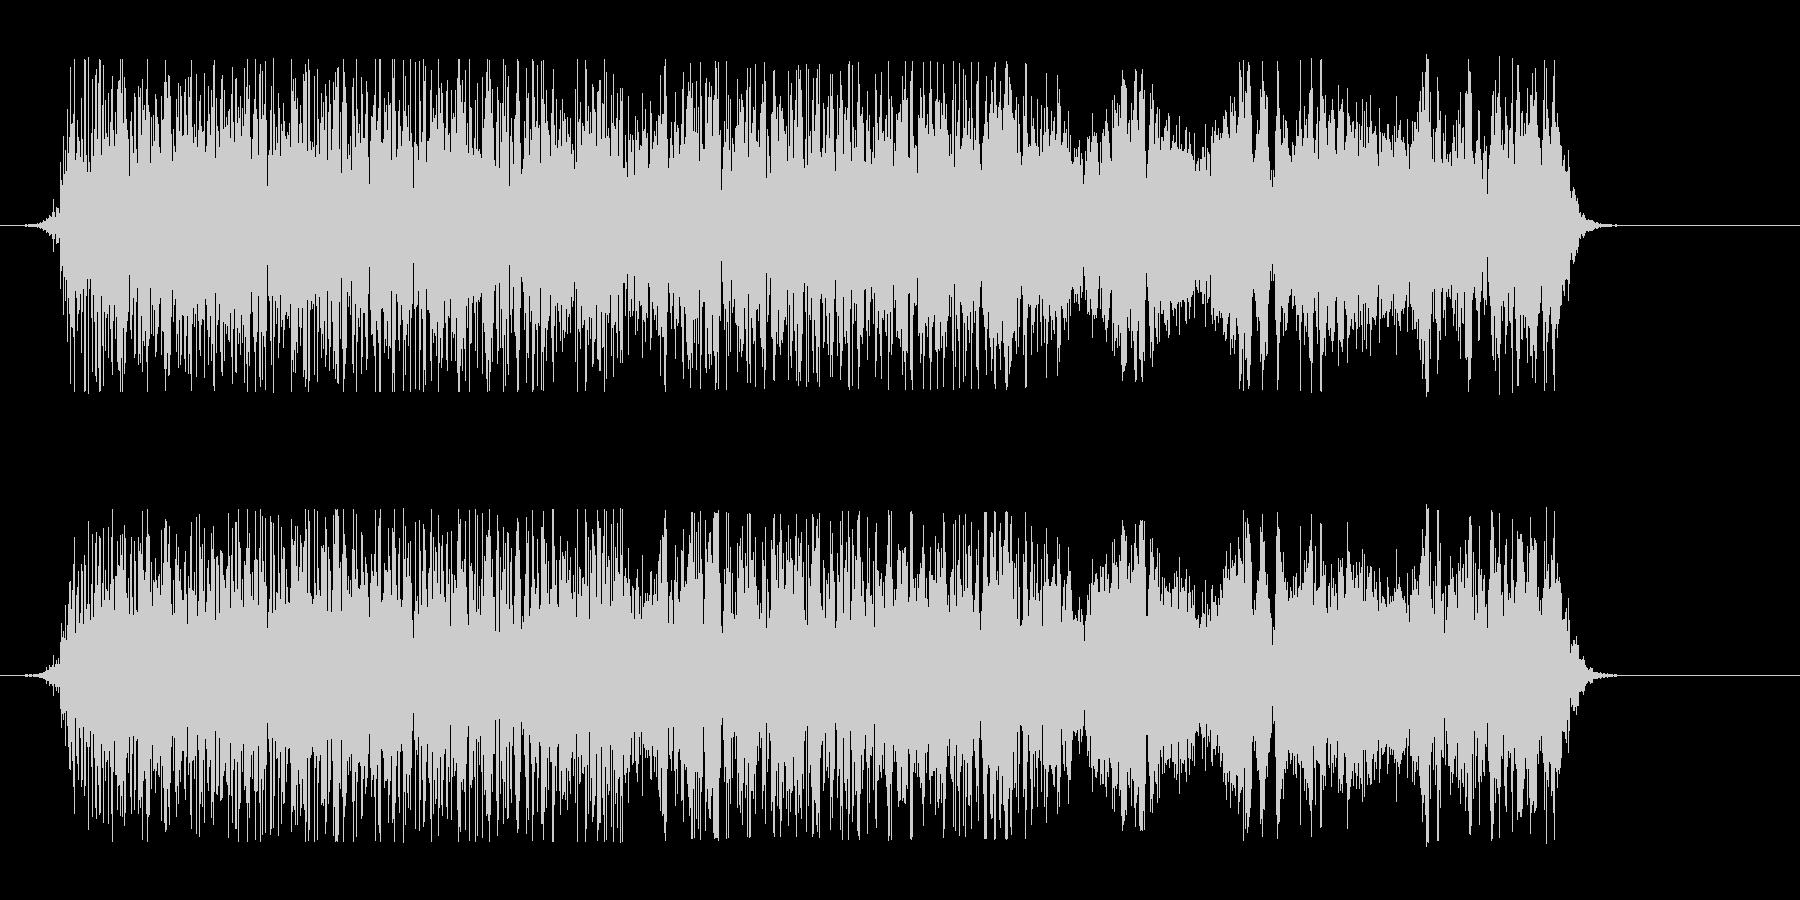 和風掛け声_コンビネーション3_Dryの未再生の波形